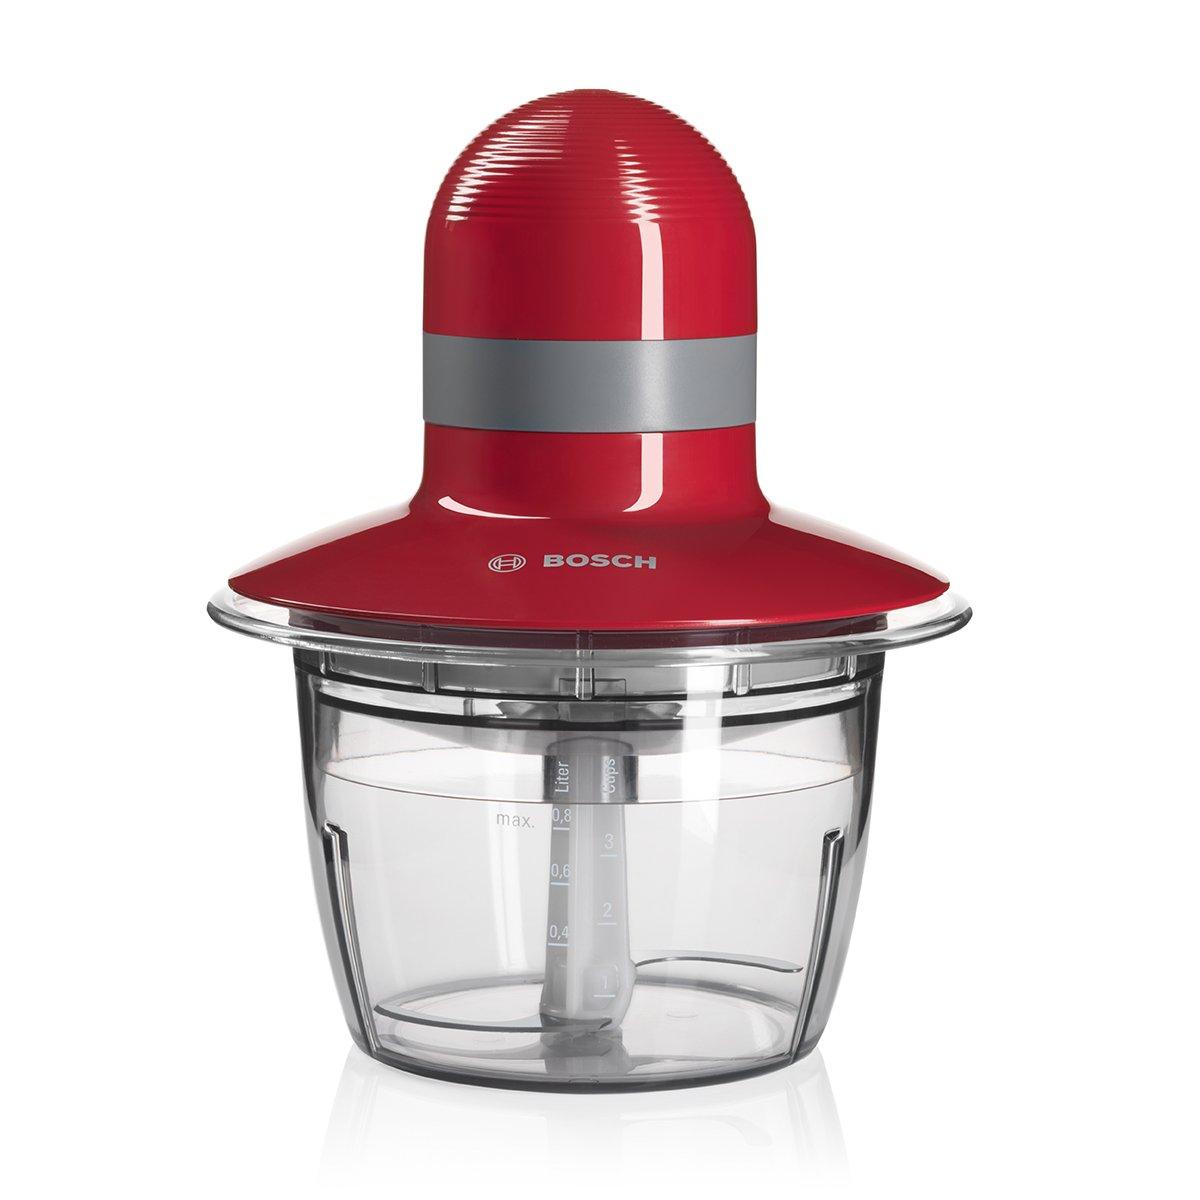 Bosch MMRR Picadora universal W capacidad de  l color rojo